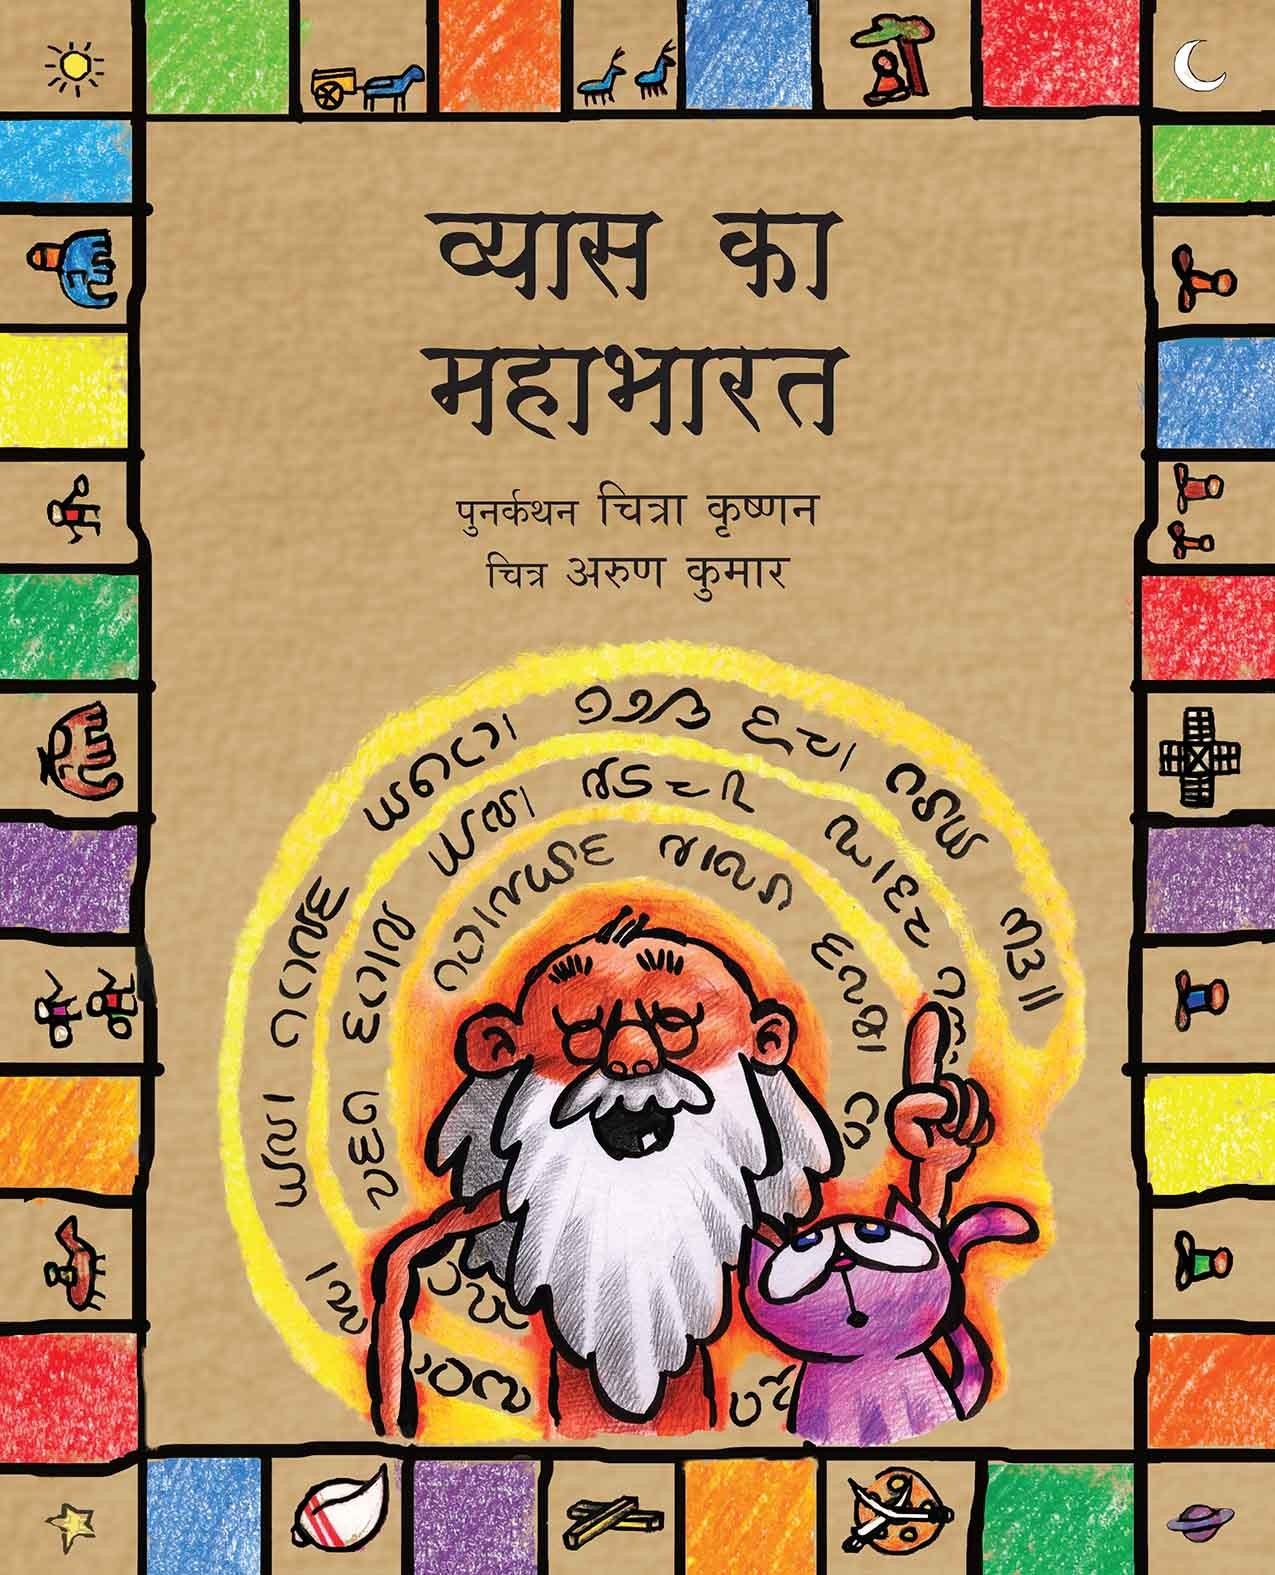 Vyasa's Mahabharata/Vyas Ka Mahabharat (Hindi)